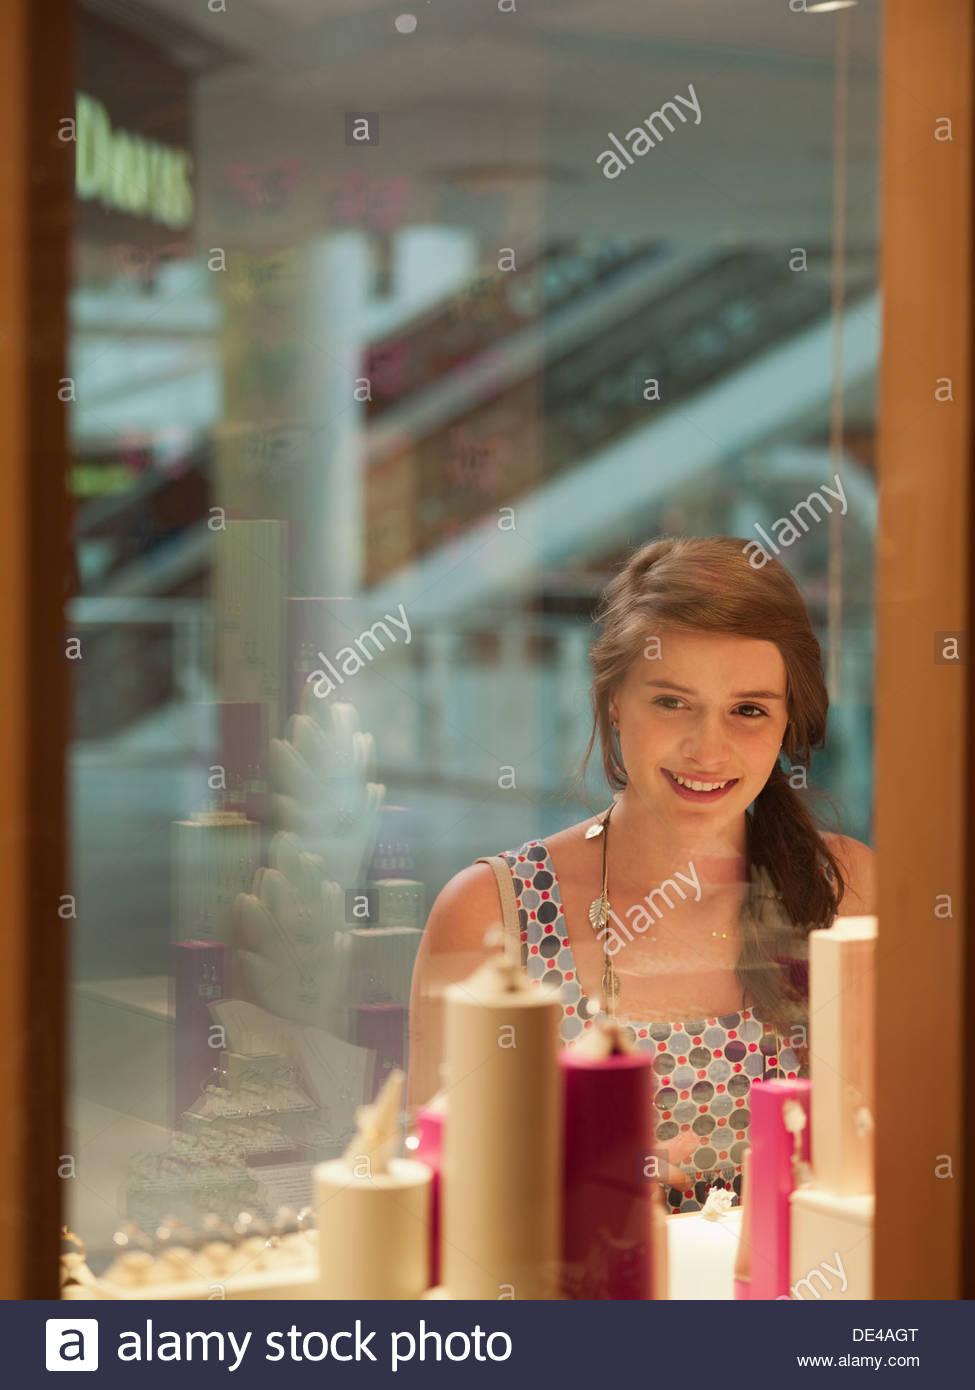 Adolescente mirando joyería en vitrina Imagen De Stock